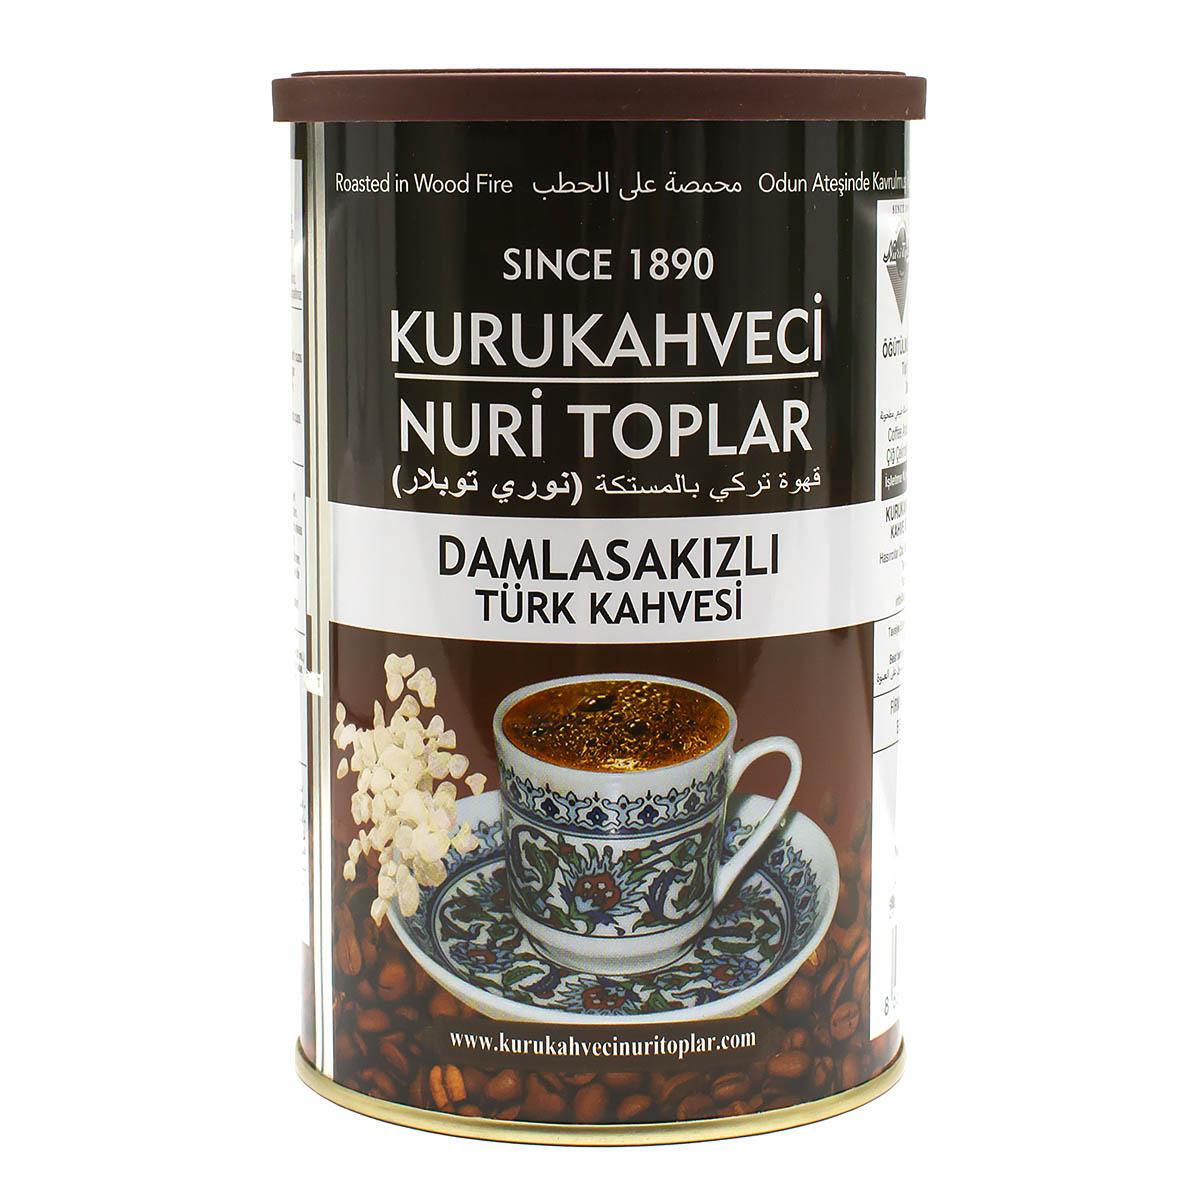 Кофе молотый Kurukahveci Nuri Toplar с ароматом жвачки, в банке, 250 г